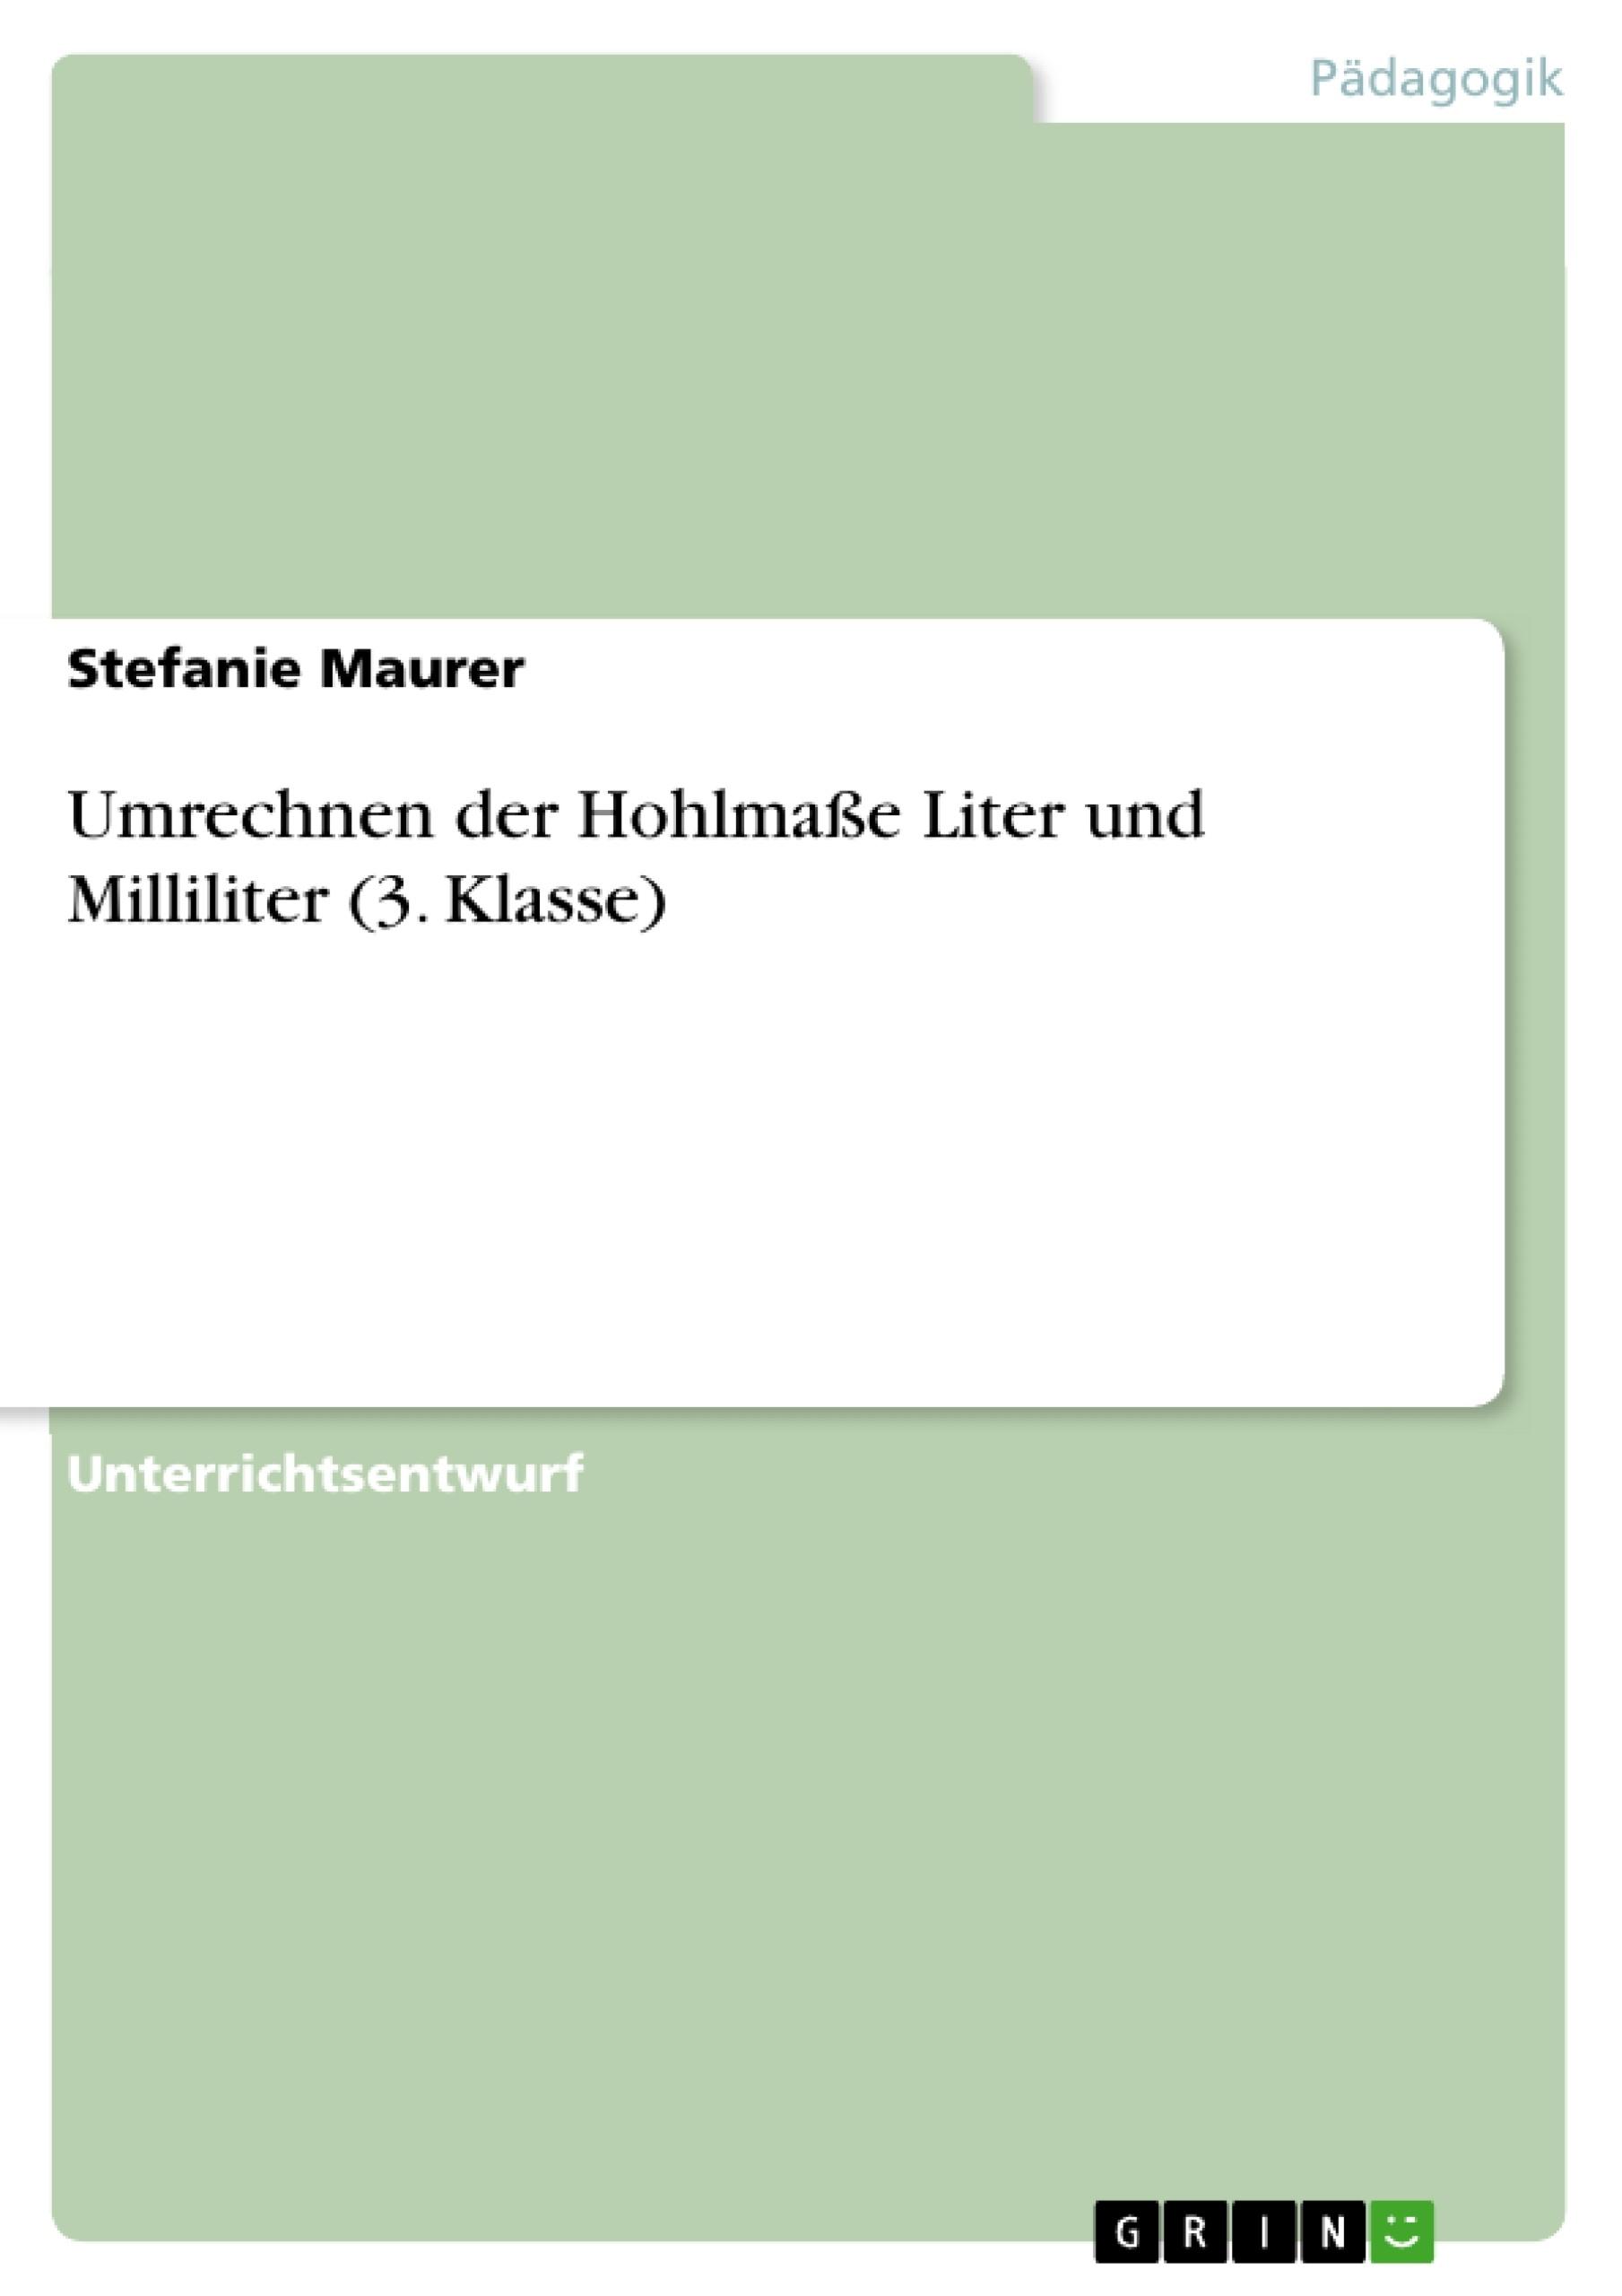 Titel: Umrechnen der Hohlmaße Liter und Milliliter (3. Klasse)